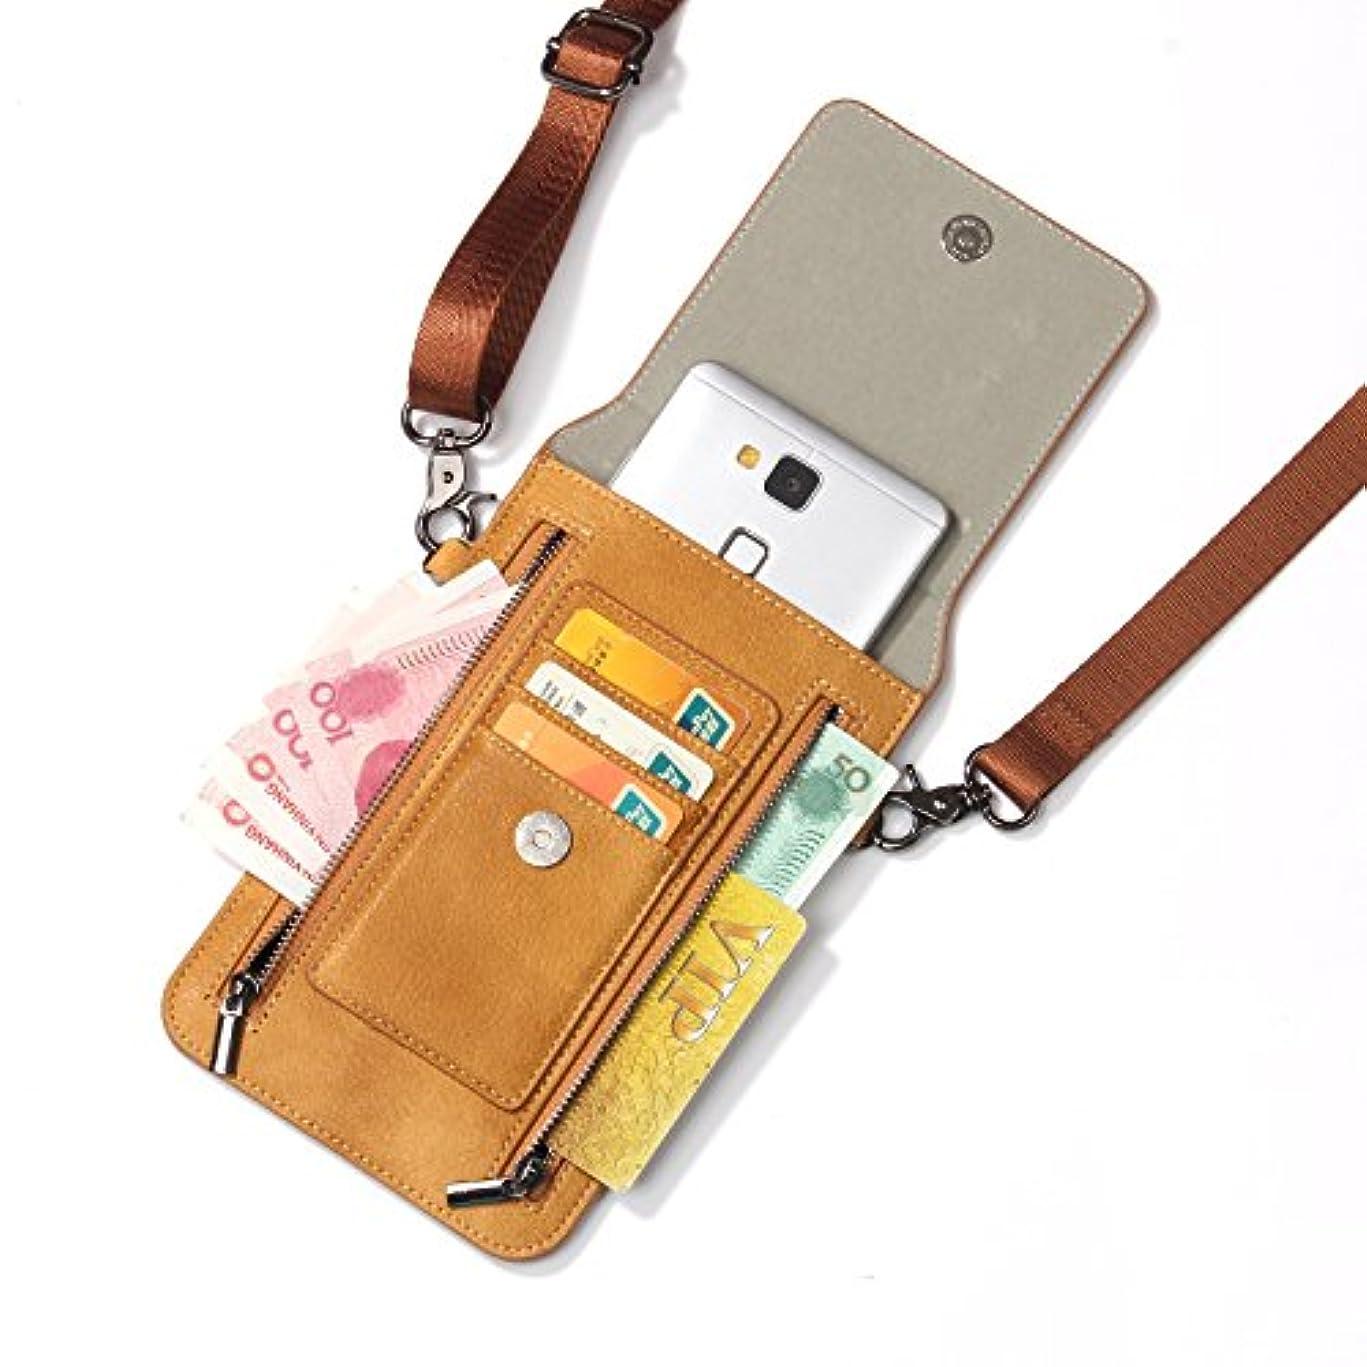 狂った意味のある飢えたiPhone XS Max ケース レザー INorton 多機能スマホポーチ 保護カバー 財布型 軽量 カード お金収納 ストラップ付き iPhone X /8/8Plus/7/7Plusなど6.5インチ汎用